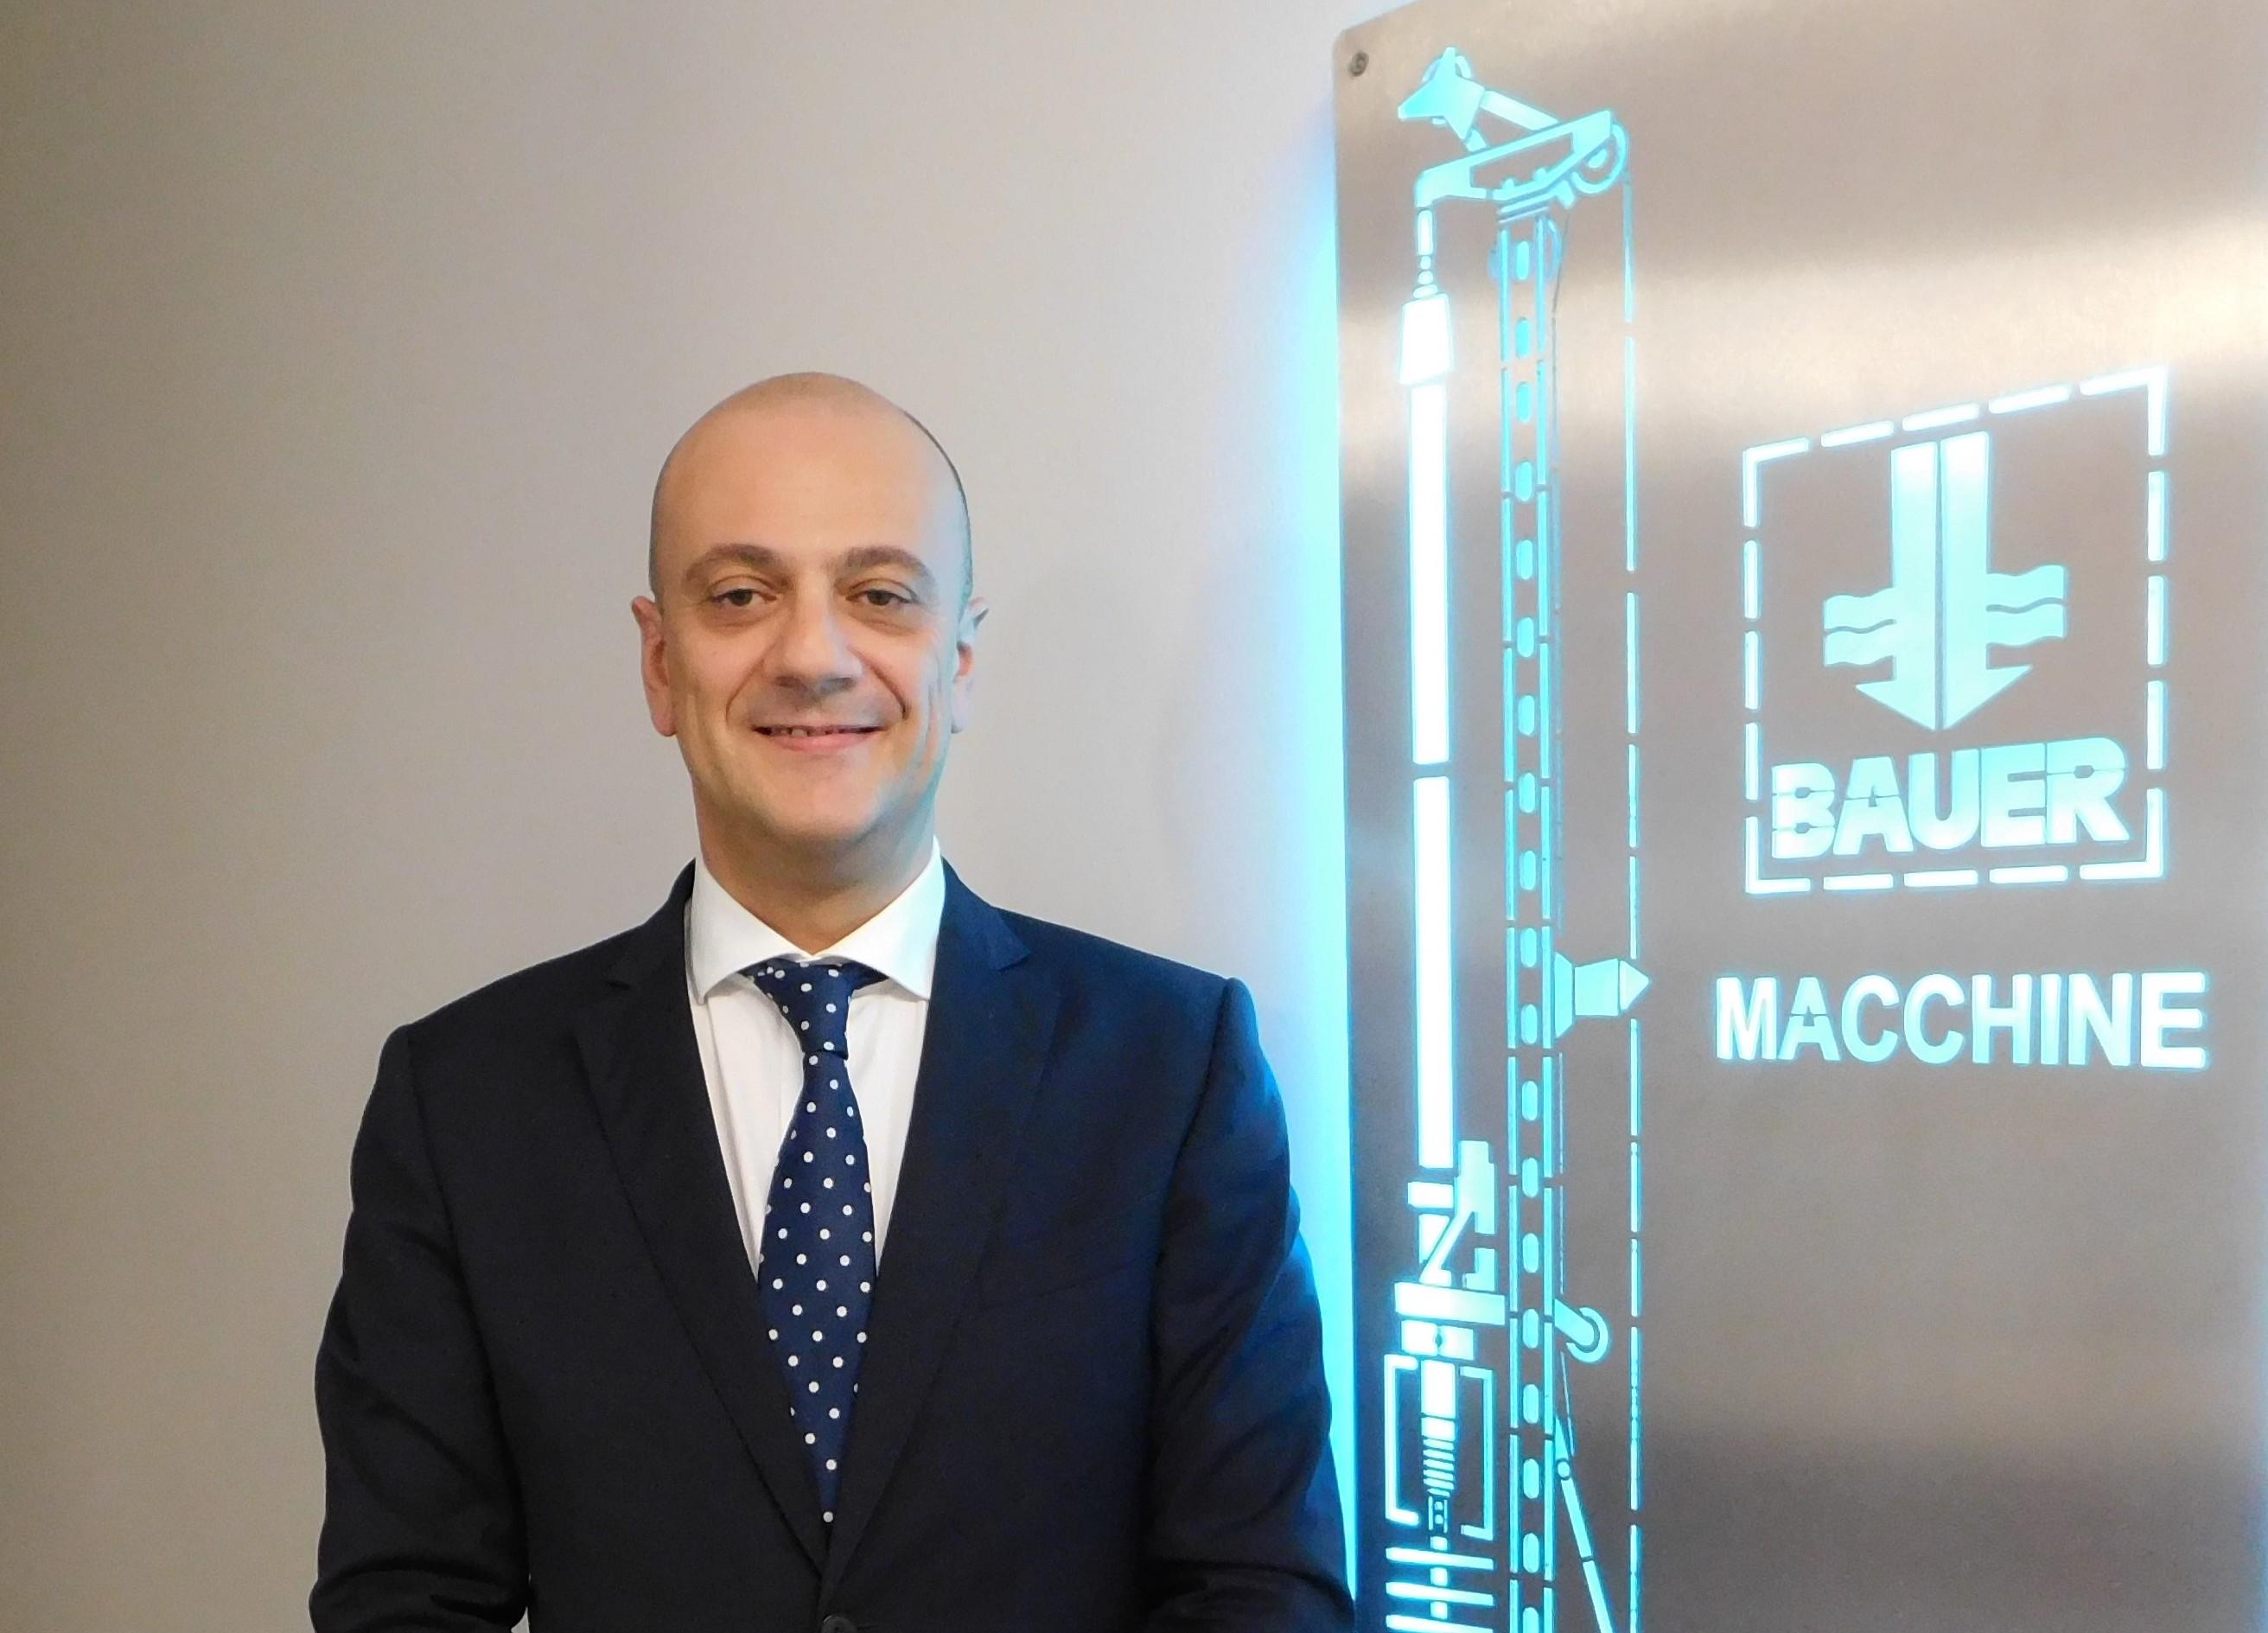 BAUER MACCHINE ITALIA, A MORDANO LA SEDE (AMPLIATA) DELLA CRESCITA - Perforare -  - Uncategorized